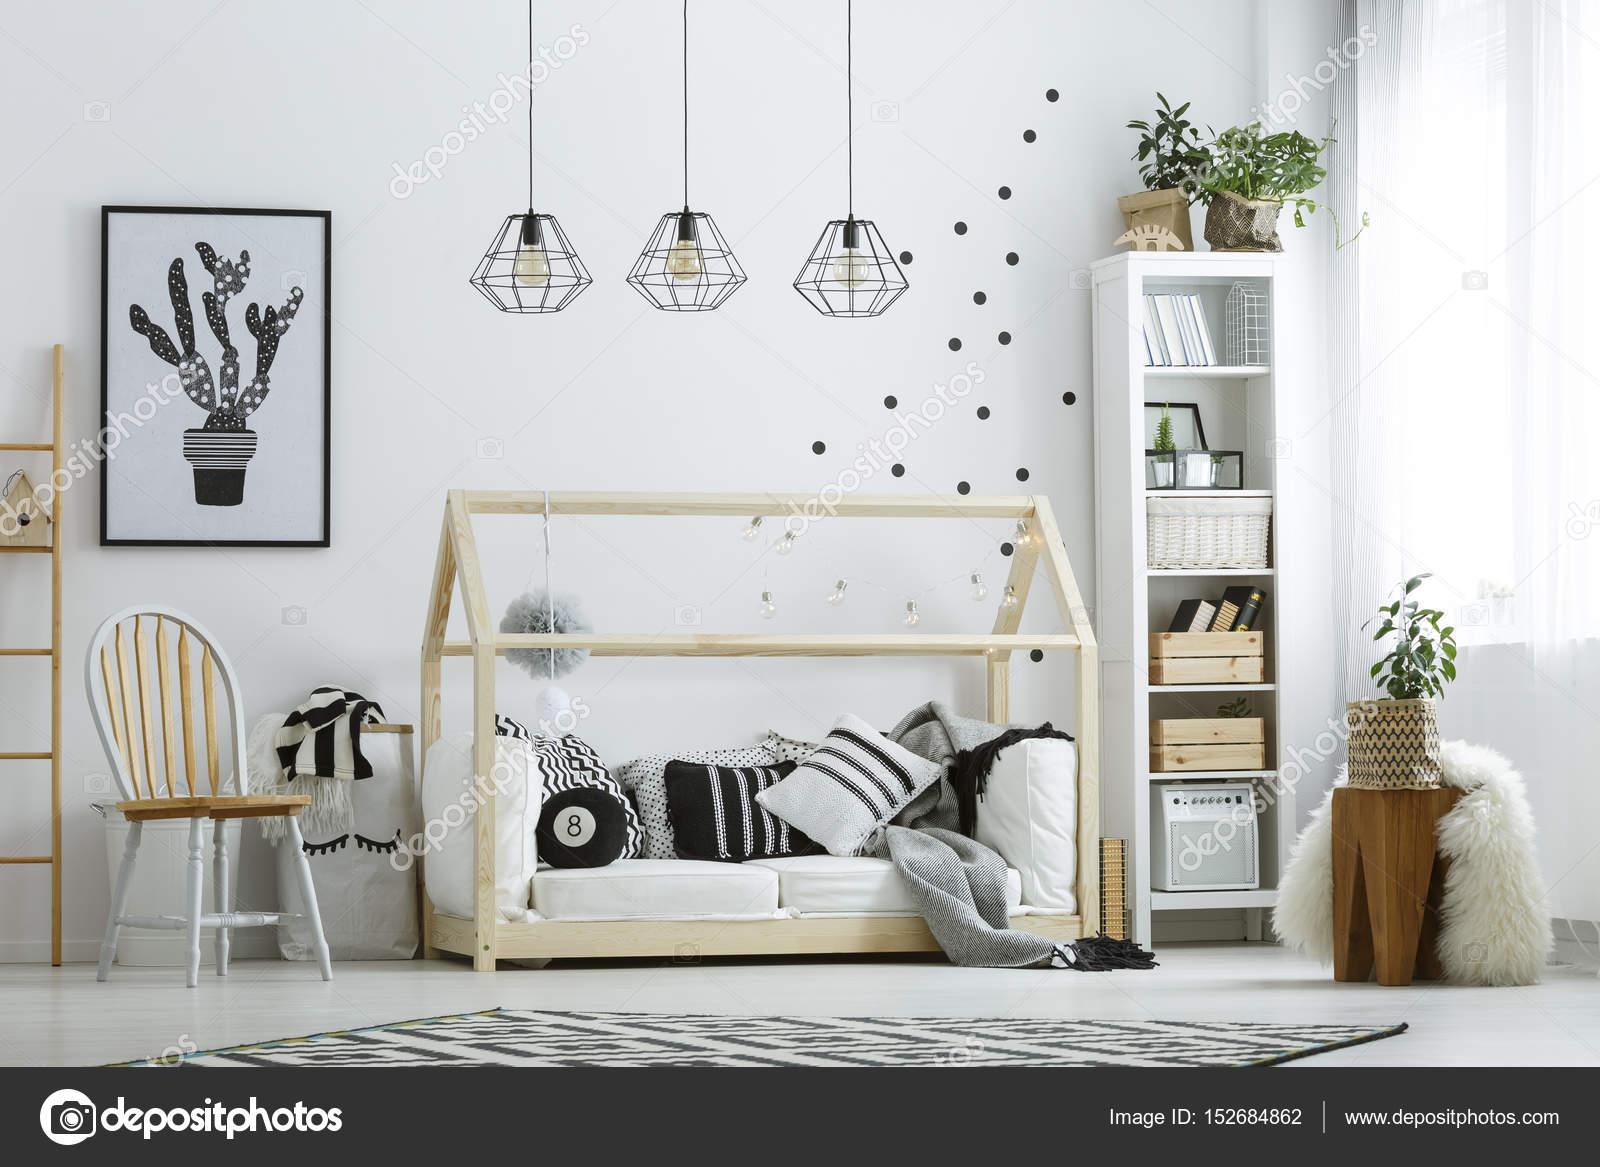 Superior Weiße Möbel Im Zimmer U2014 Stockfoto